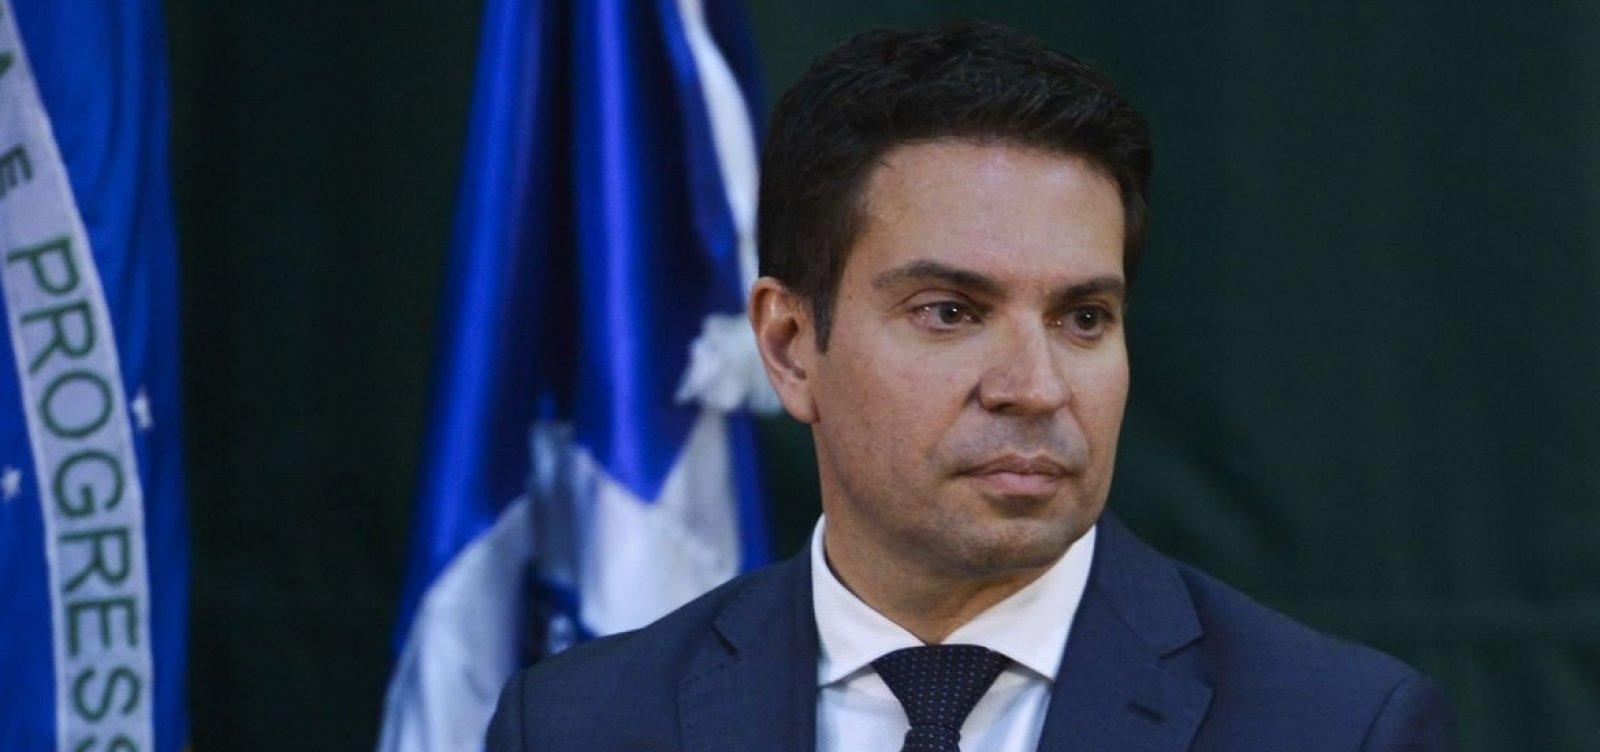 [Ramagem e ex-superintendente da PF no Rio depõem nesta segunda sobre acusações de Moro a Bolsonaro]